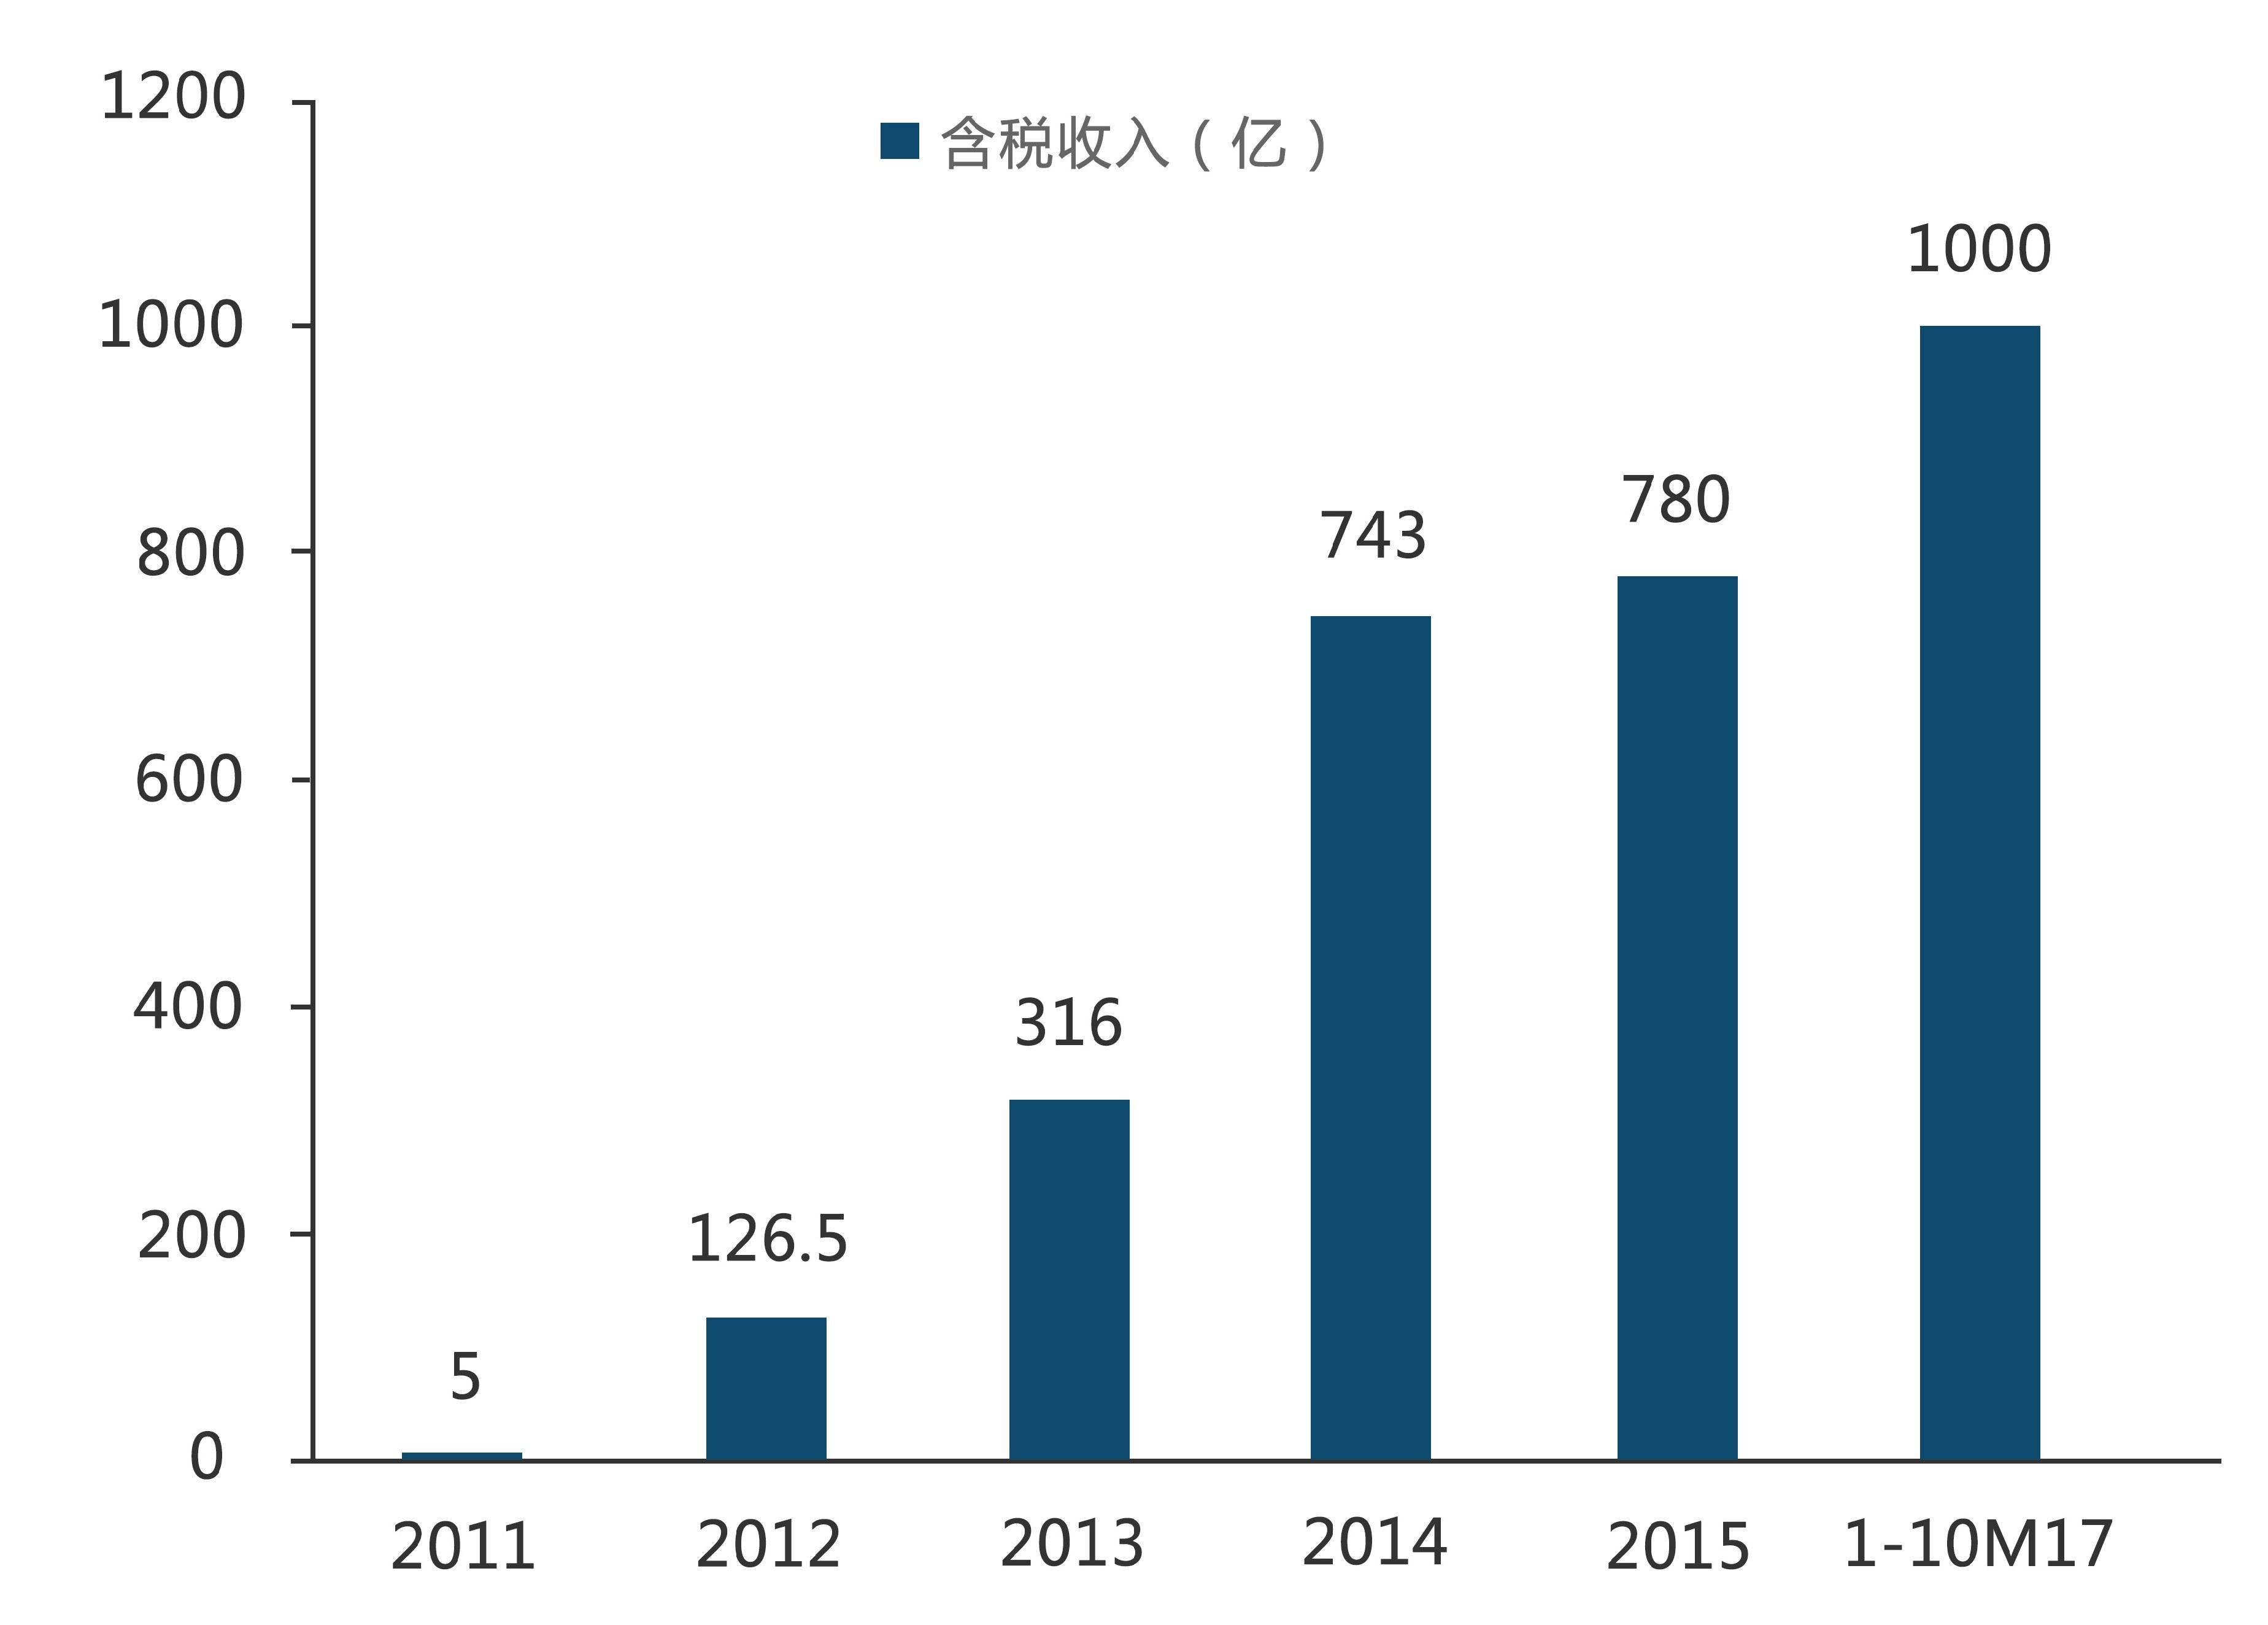 2017年前10月小米销售规模破千亿.jpg